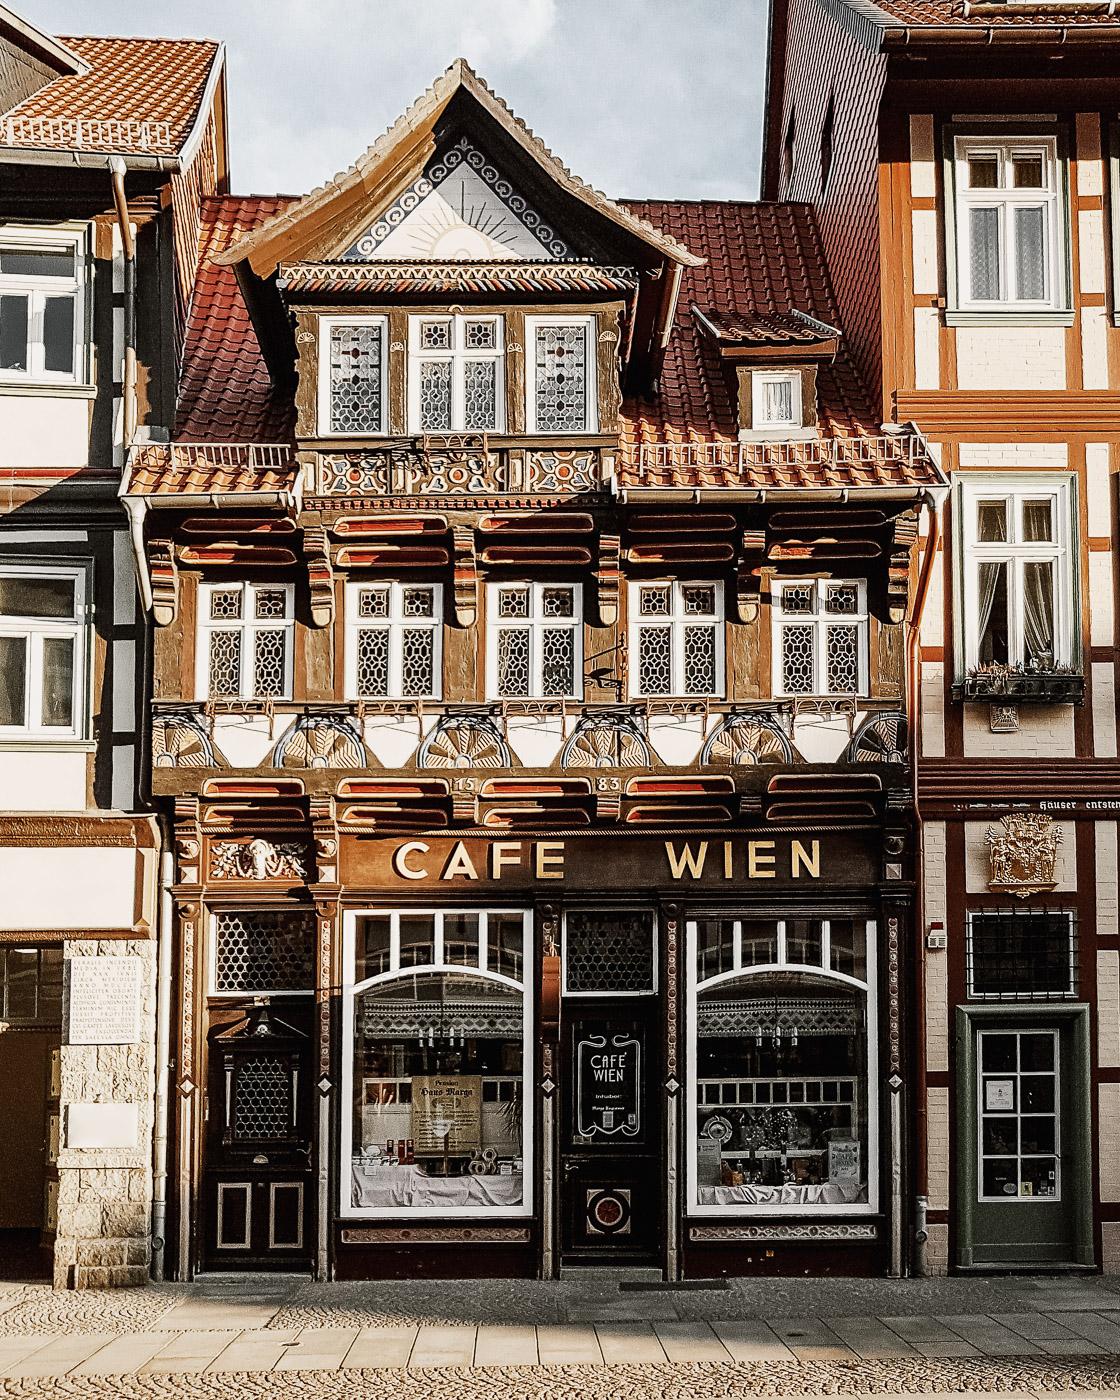 Café Wien in Wernigerode